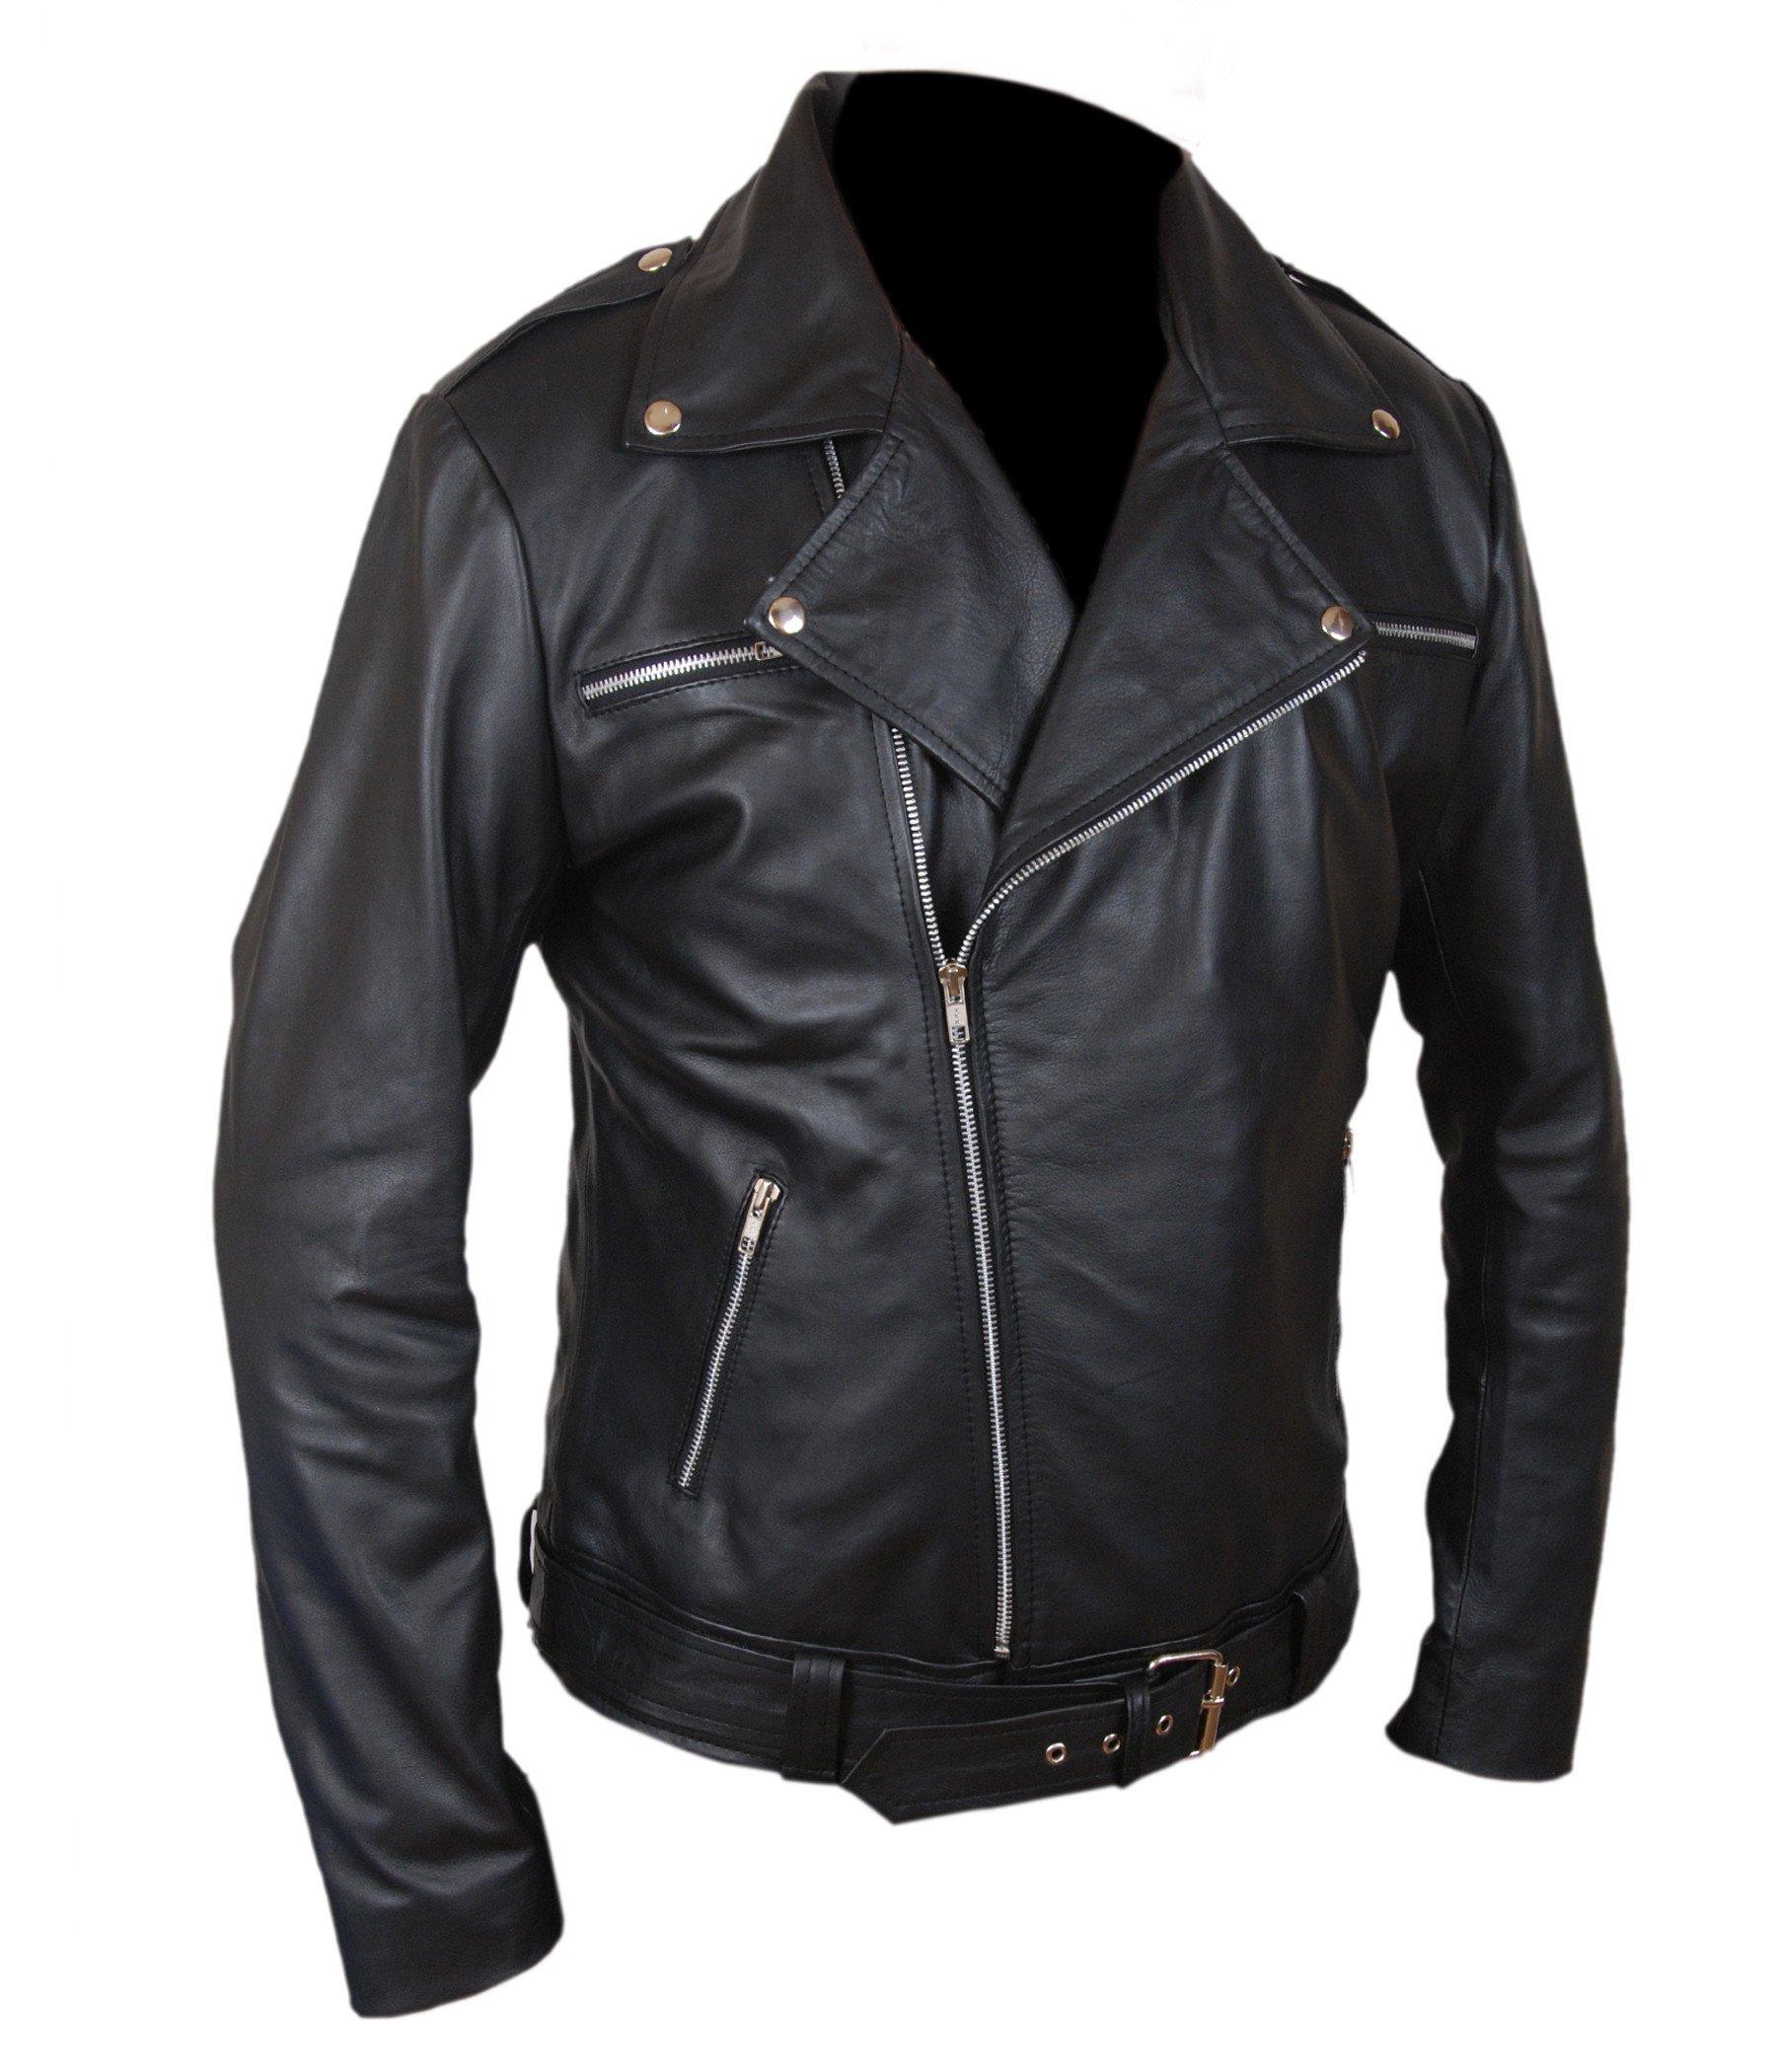 F&H Boy's The Walking Dead Negan Genuine Leather Jacket L Black by Flesh & Hide